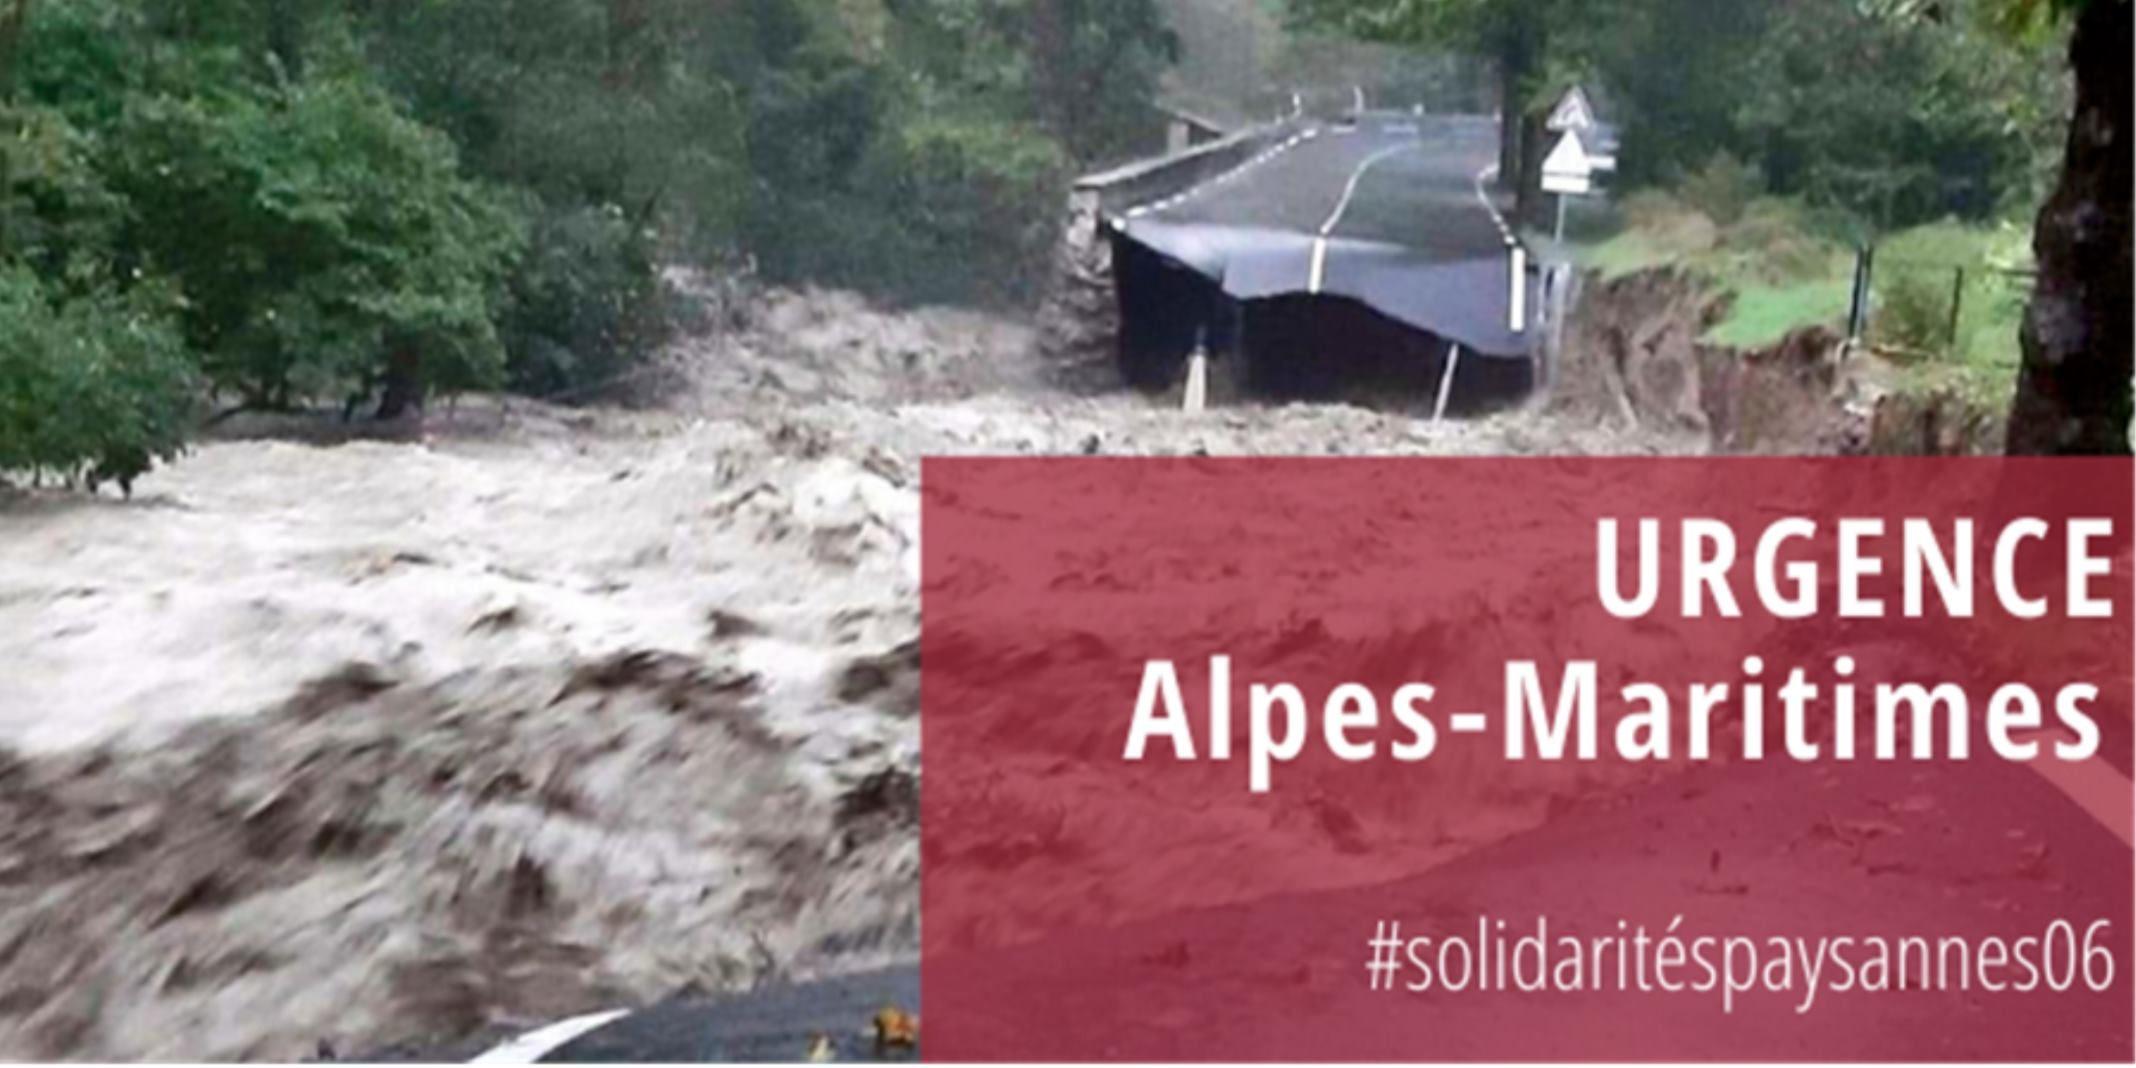 Urgence Alpes-Maritimes – Soutien aux paysans des vallées sinistrées